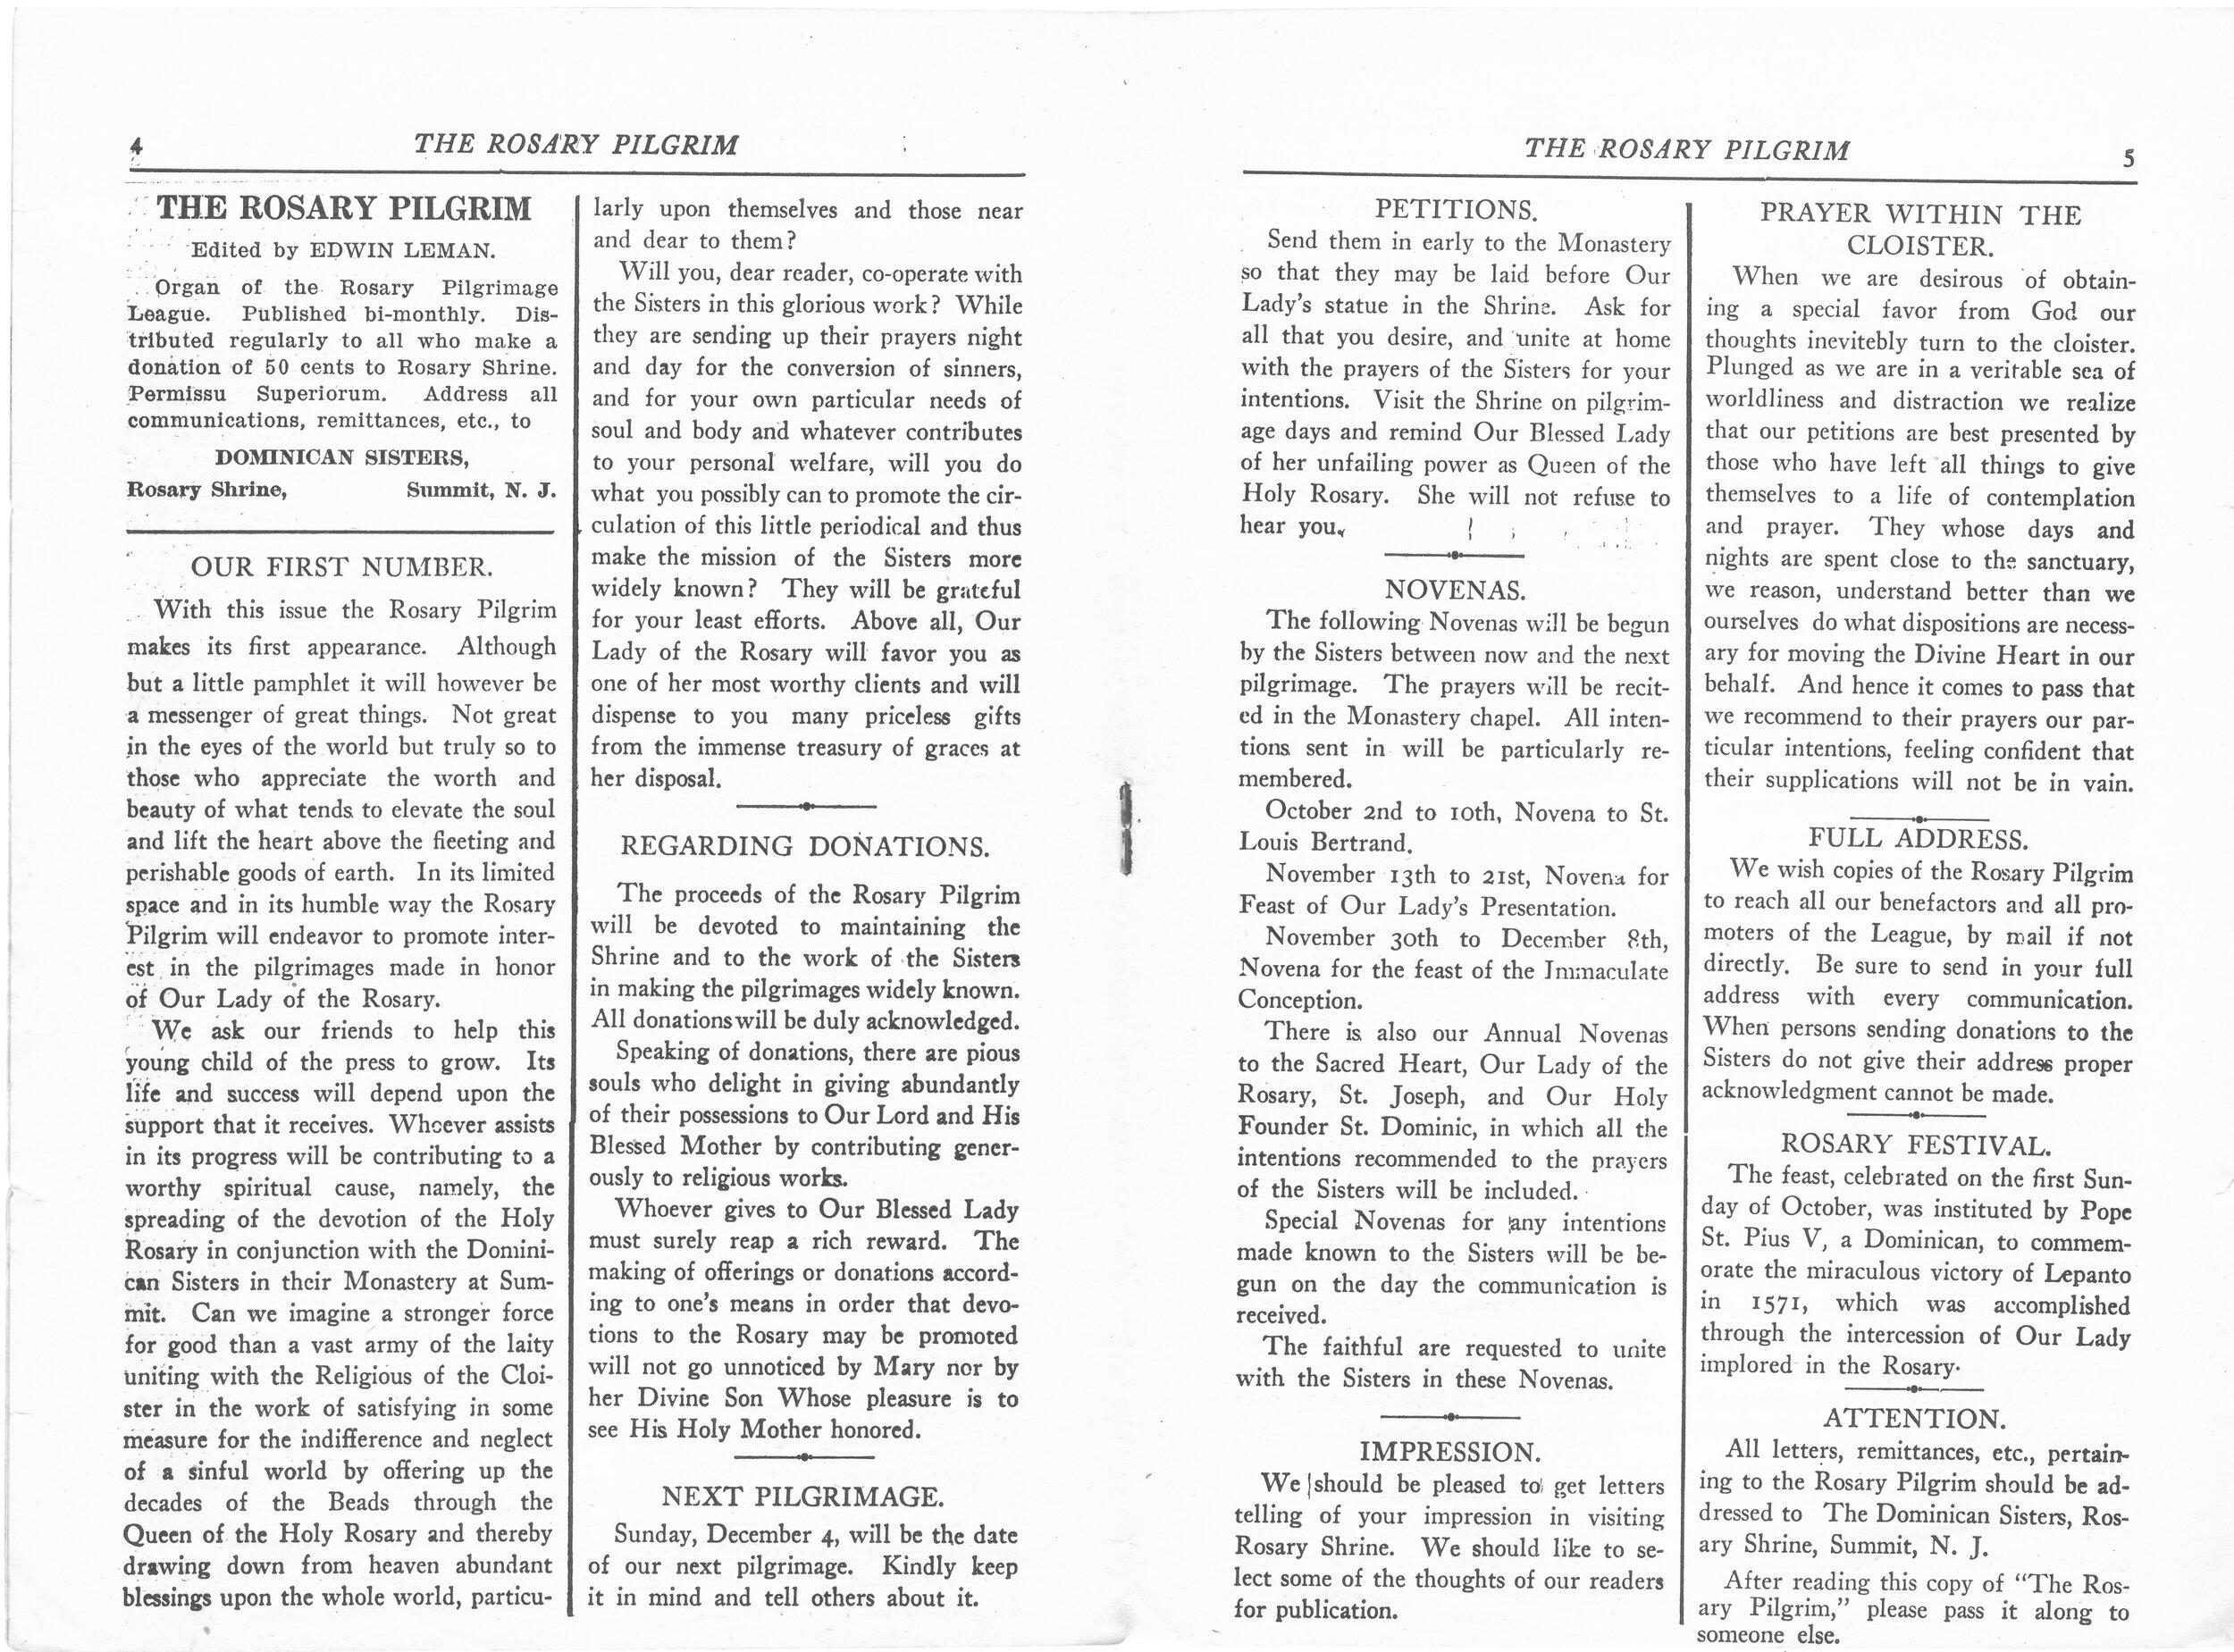 Rosary Pilgrim 1 page 4-5.jpg